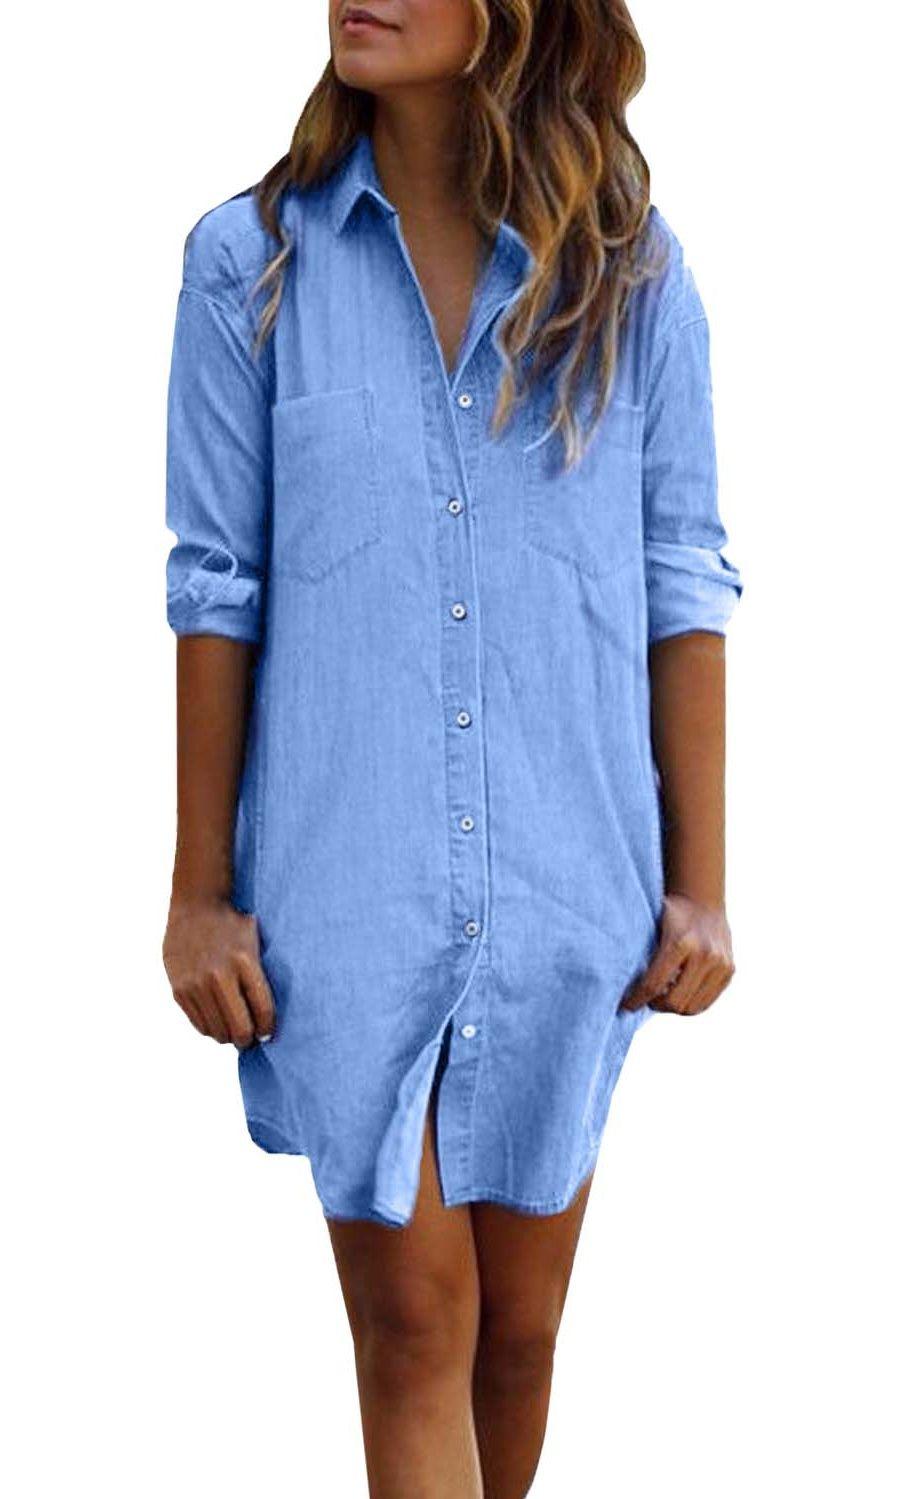 Zanzea Women S Long Sleeve Button Down Denim Shirt Dresses Above Knee Walmart Com Long Sleeve Blouse Dress Denim Shirt Dress Shirt Dress [ 1499 x 900 Pixel ]